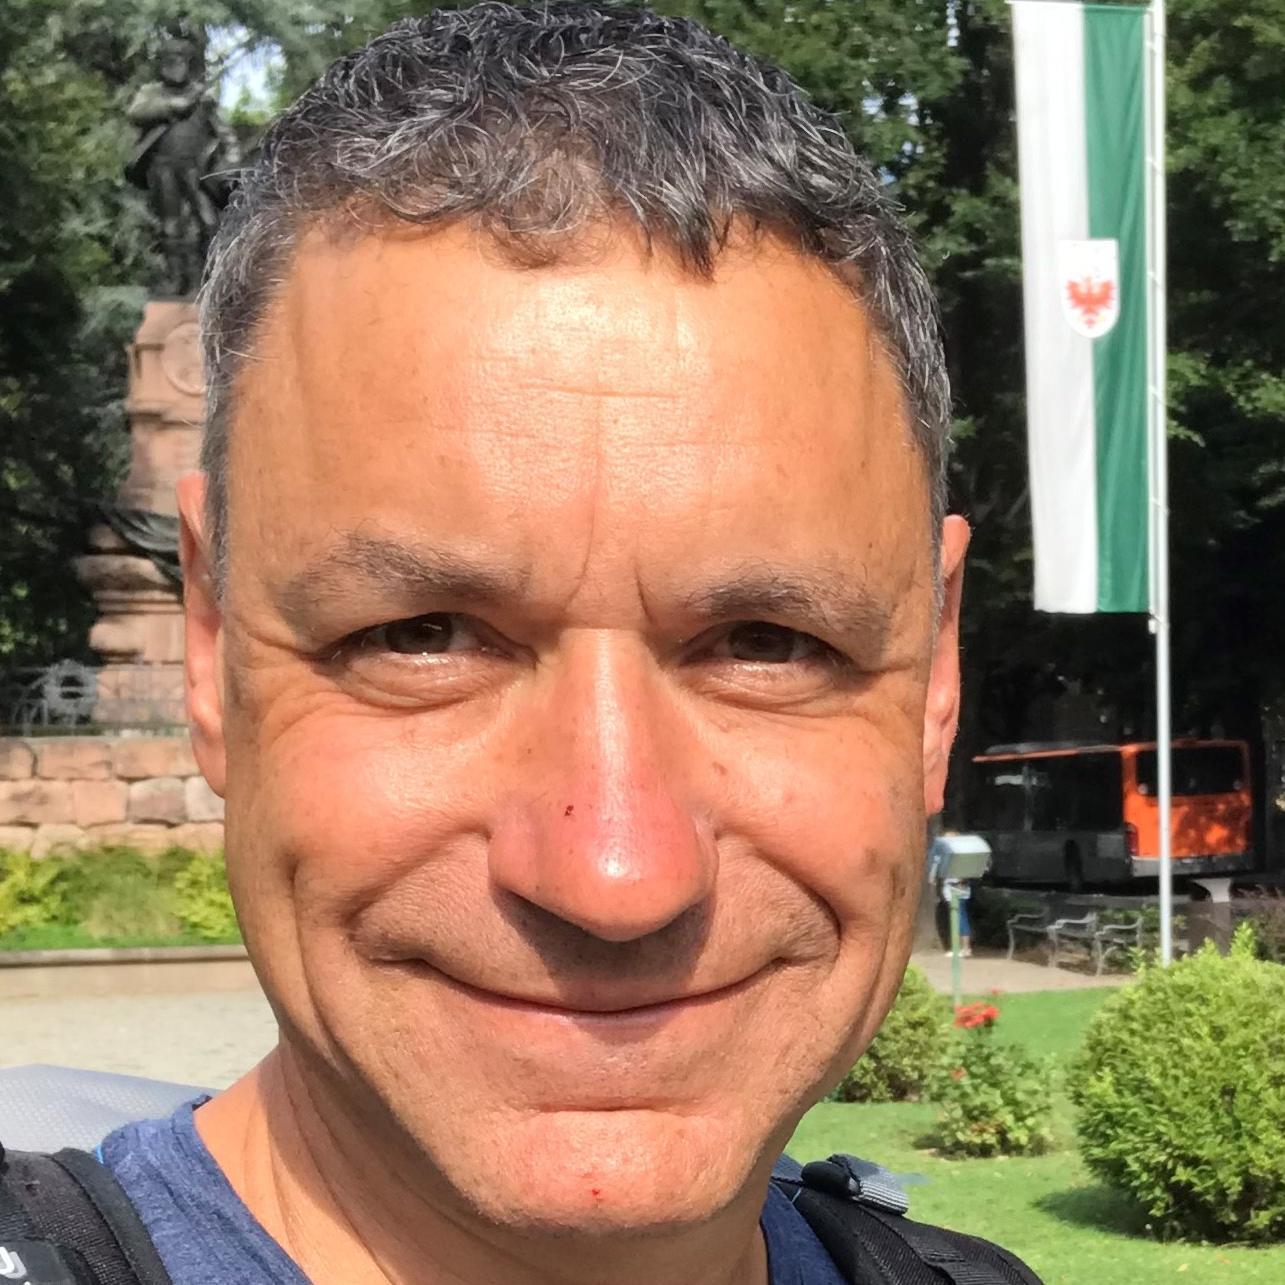 Markus Klingele